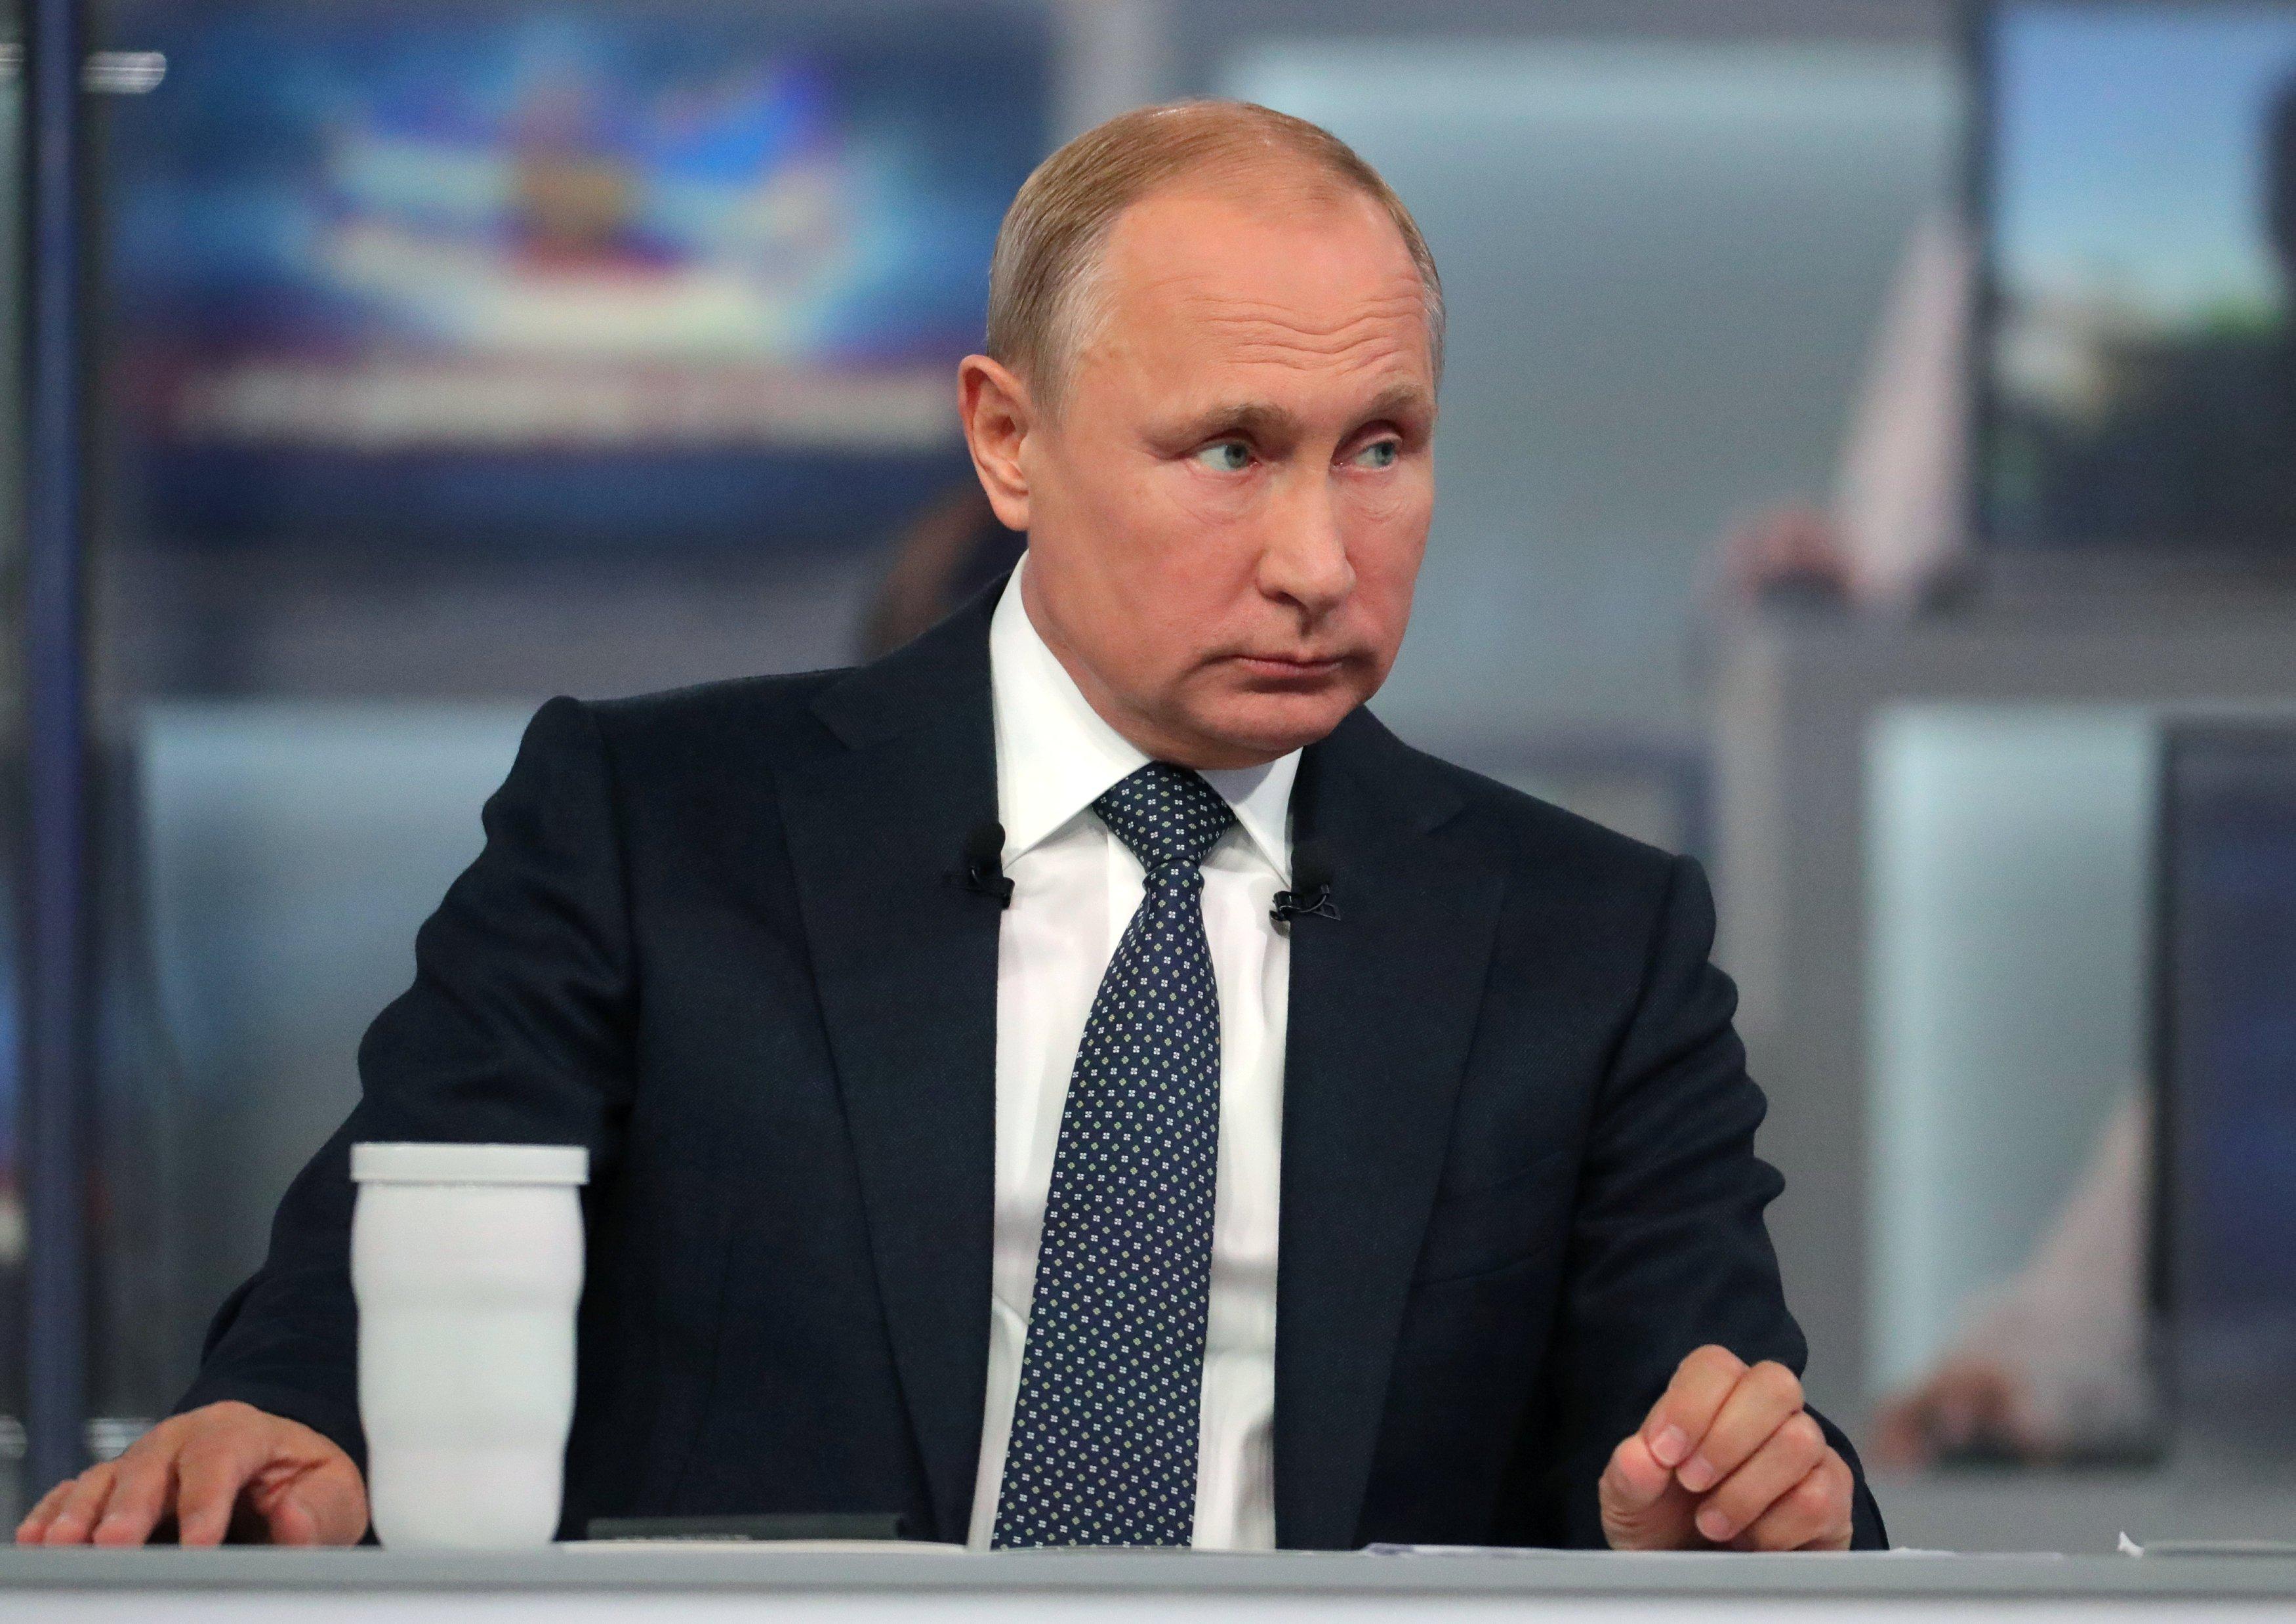 Экс-депутат Госдумы: окружение Владимира Путина понимает, что следующий конфликт будет уже не с США, а с народом РФ